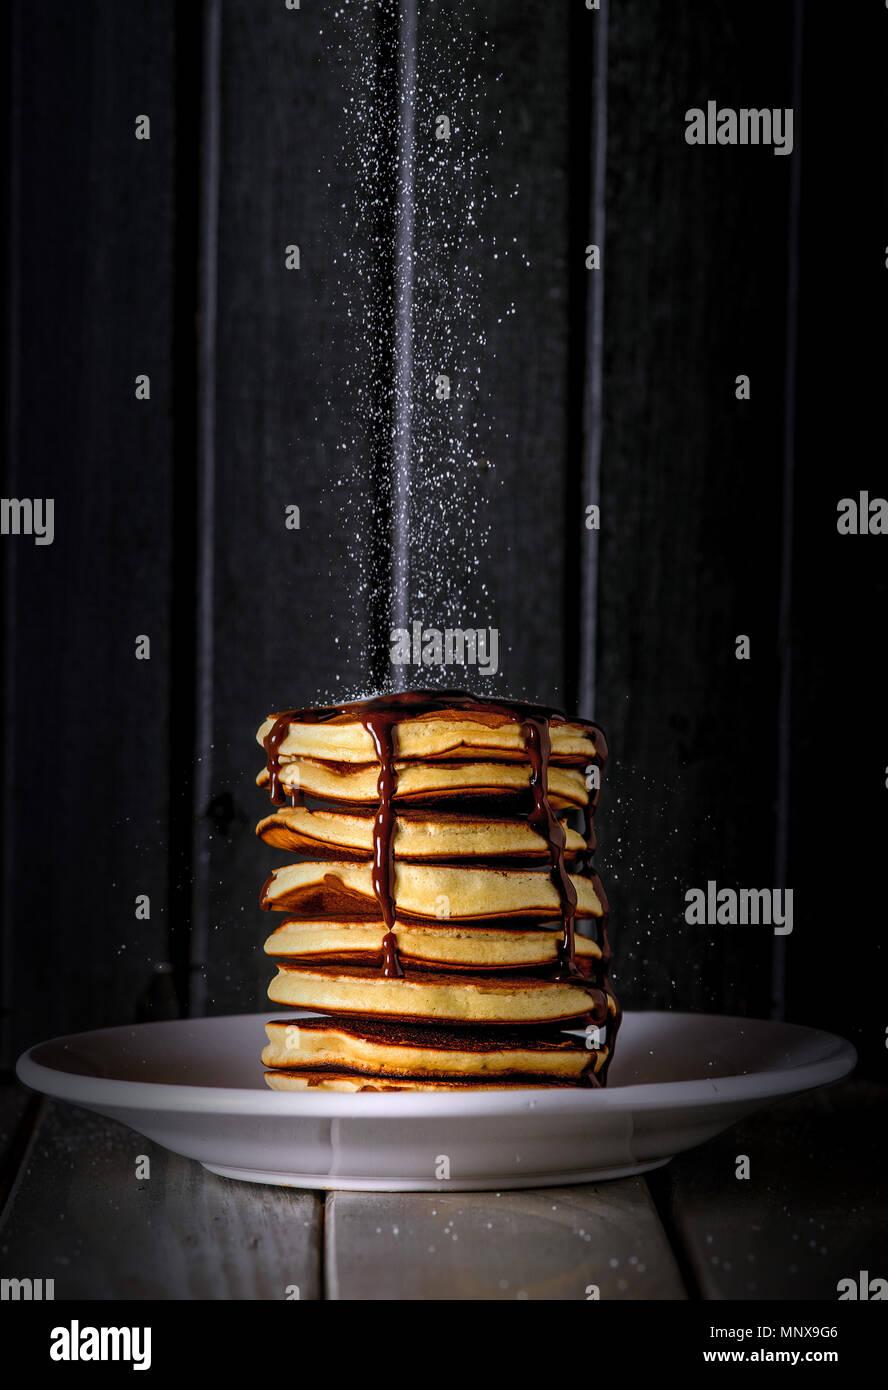 Fresche e deliziose frittelle dolci con zucchero in caduta sulla parte superiore e lo sciroppo al cioccolato salsa Immagini Stock